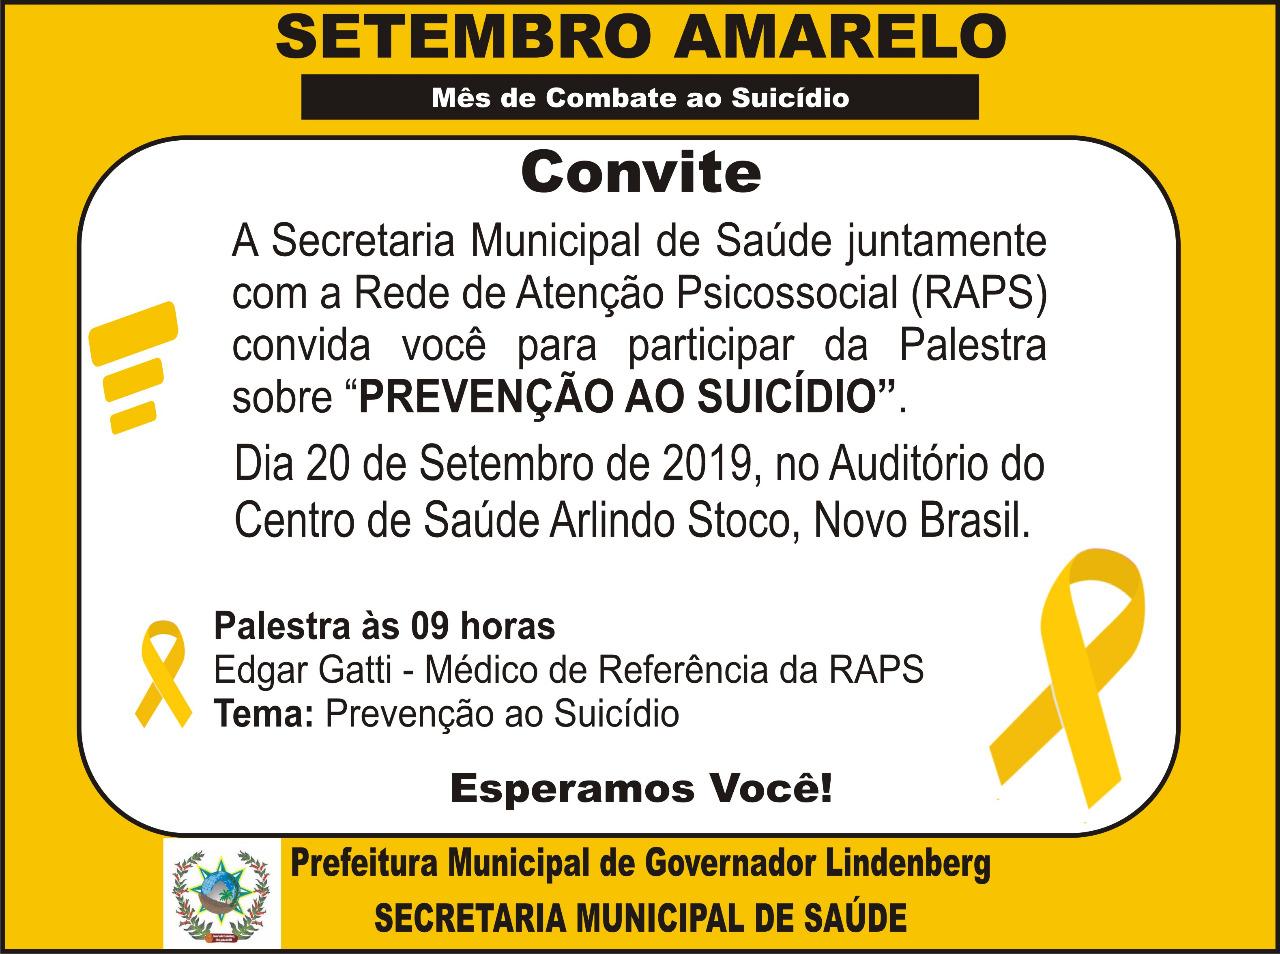 Setembro Amarelo Mês de Combate ao Suicídio.